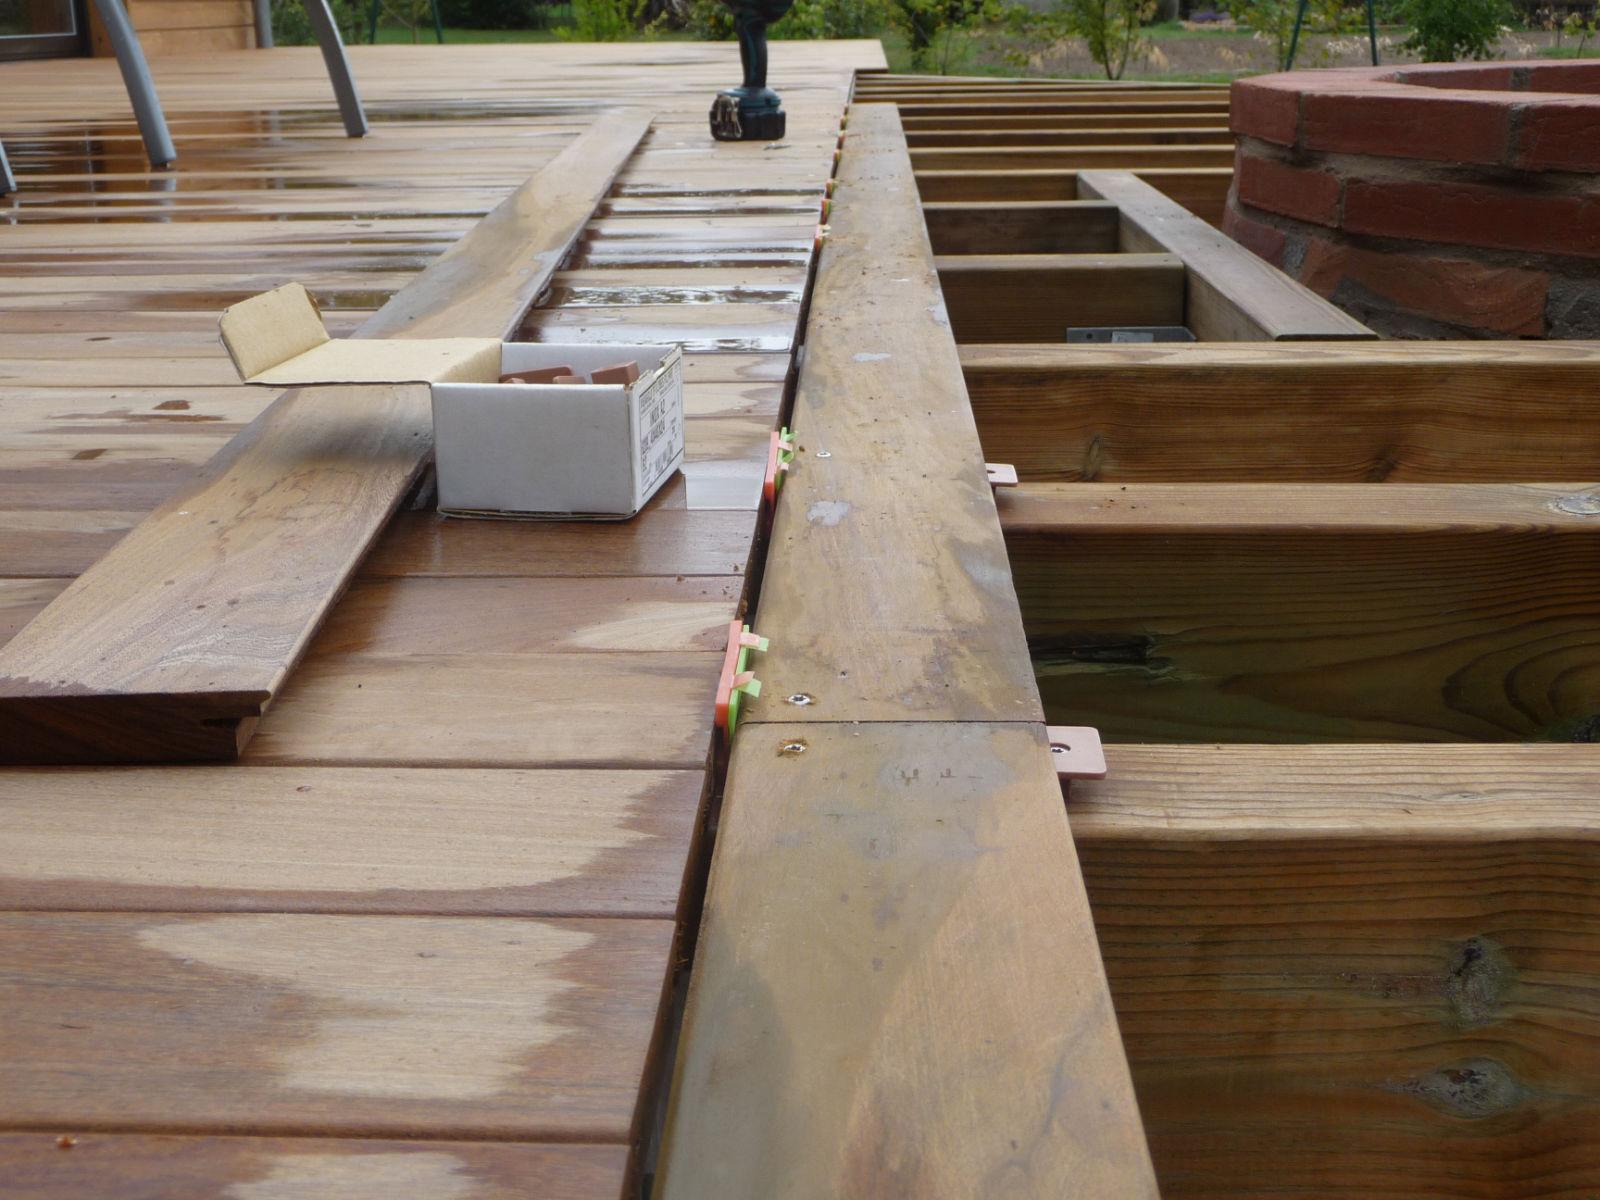 Pose Des Lames Eme Episode Construire Sa Terrasse En Bois Sur Plots En Beton